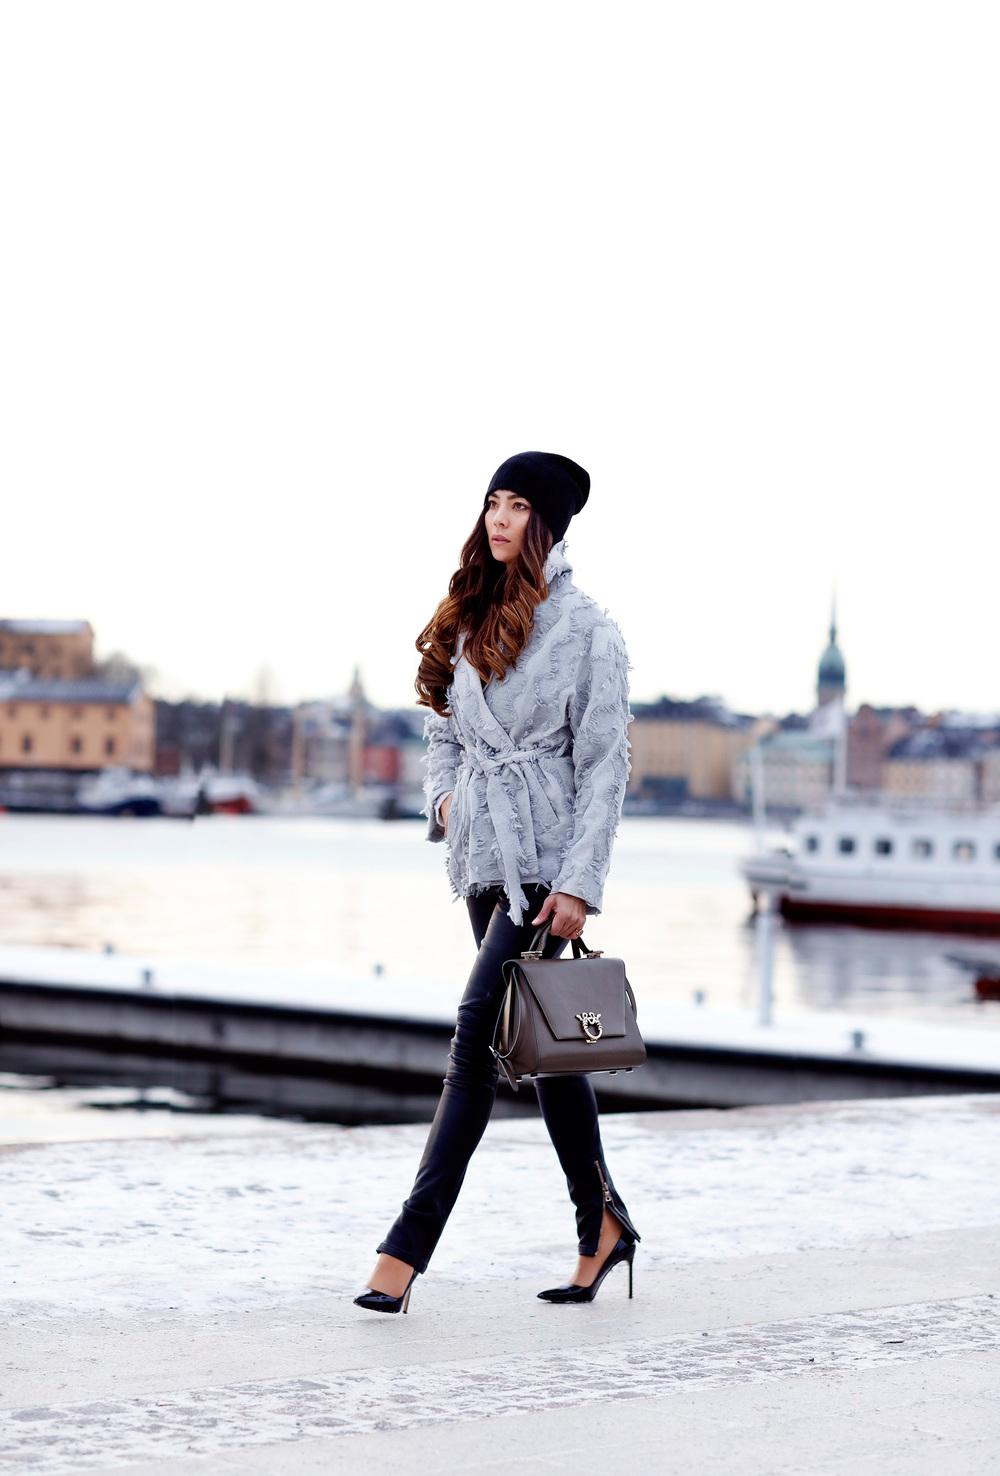 AMA_Stockholm1a.jpg